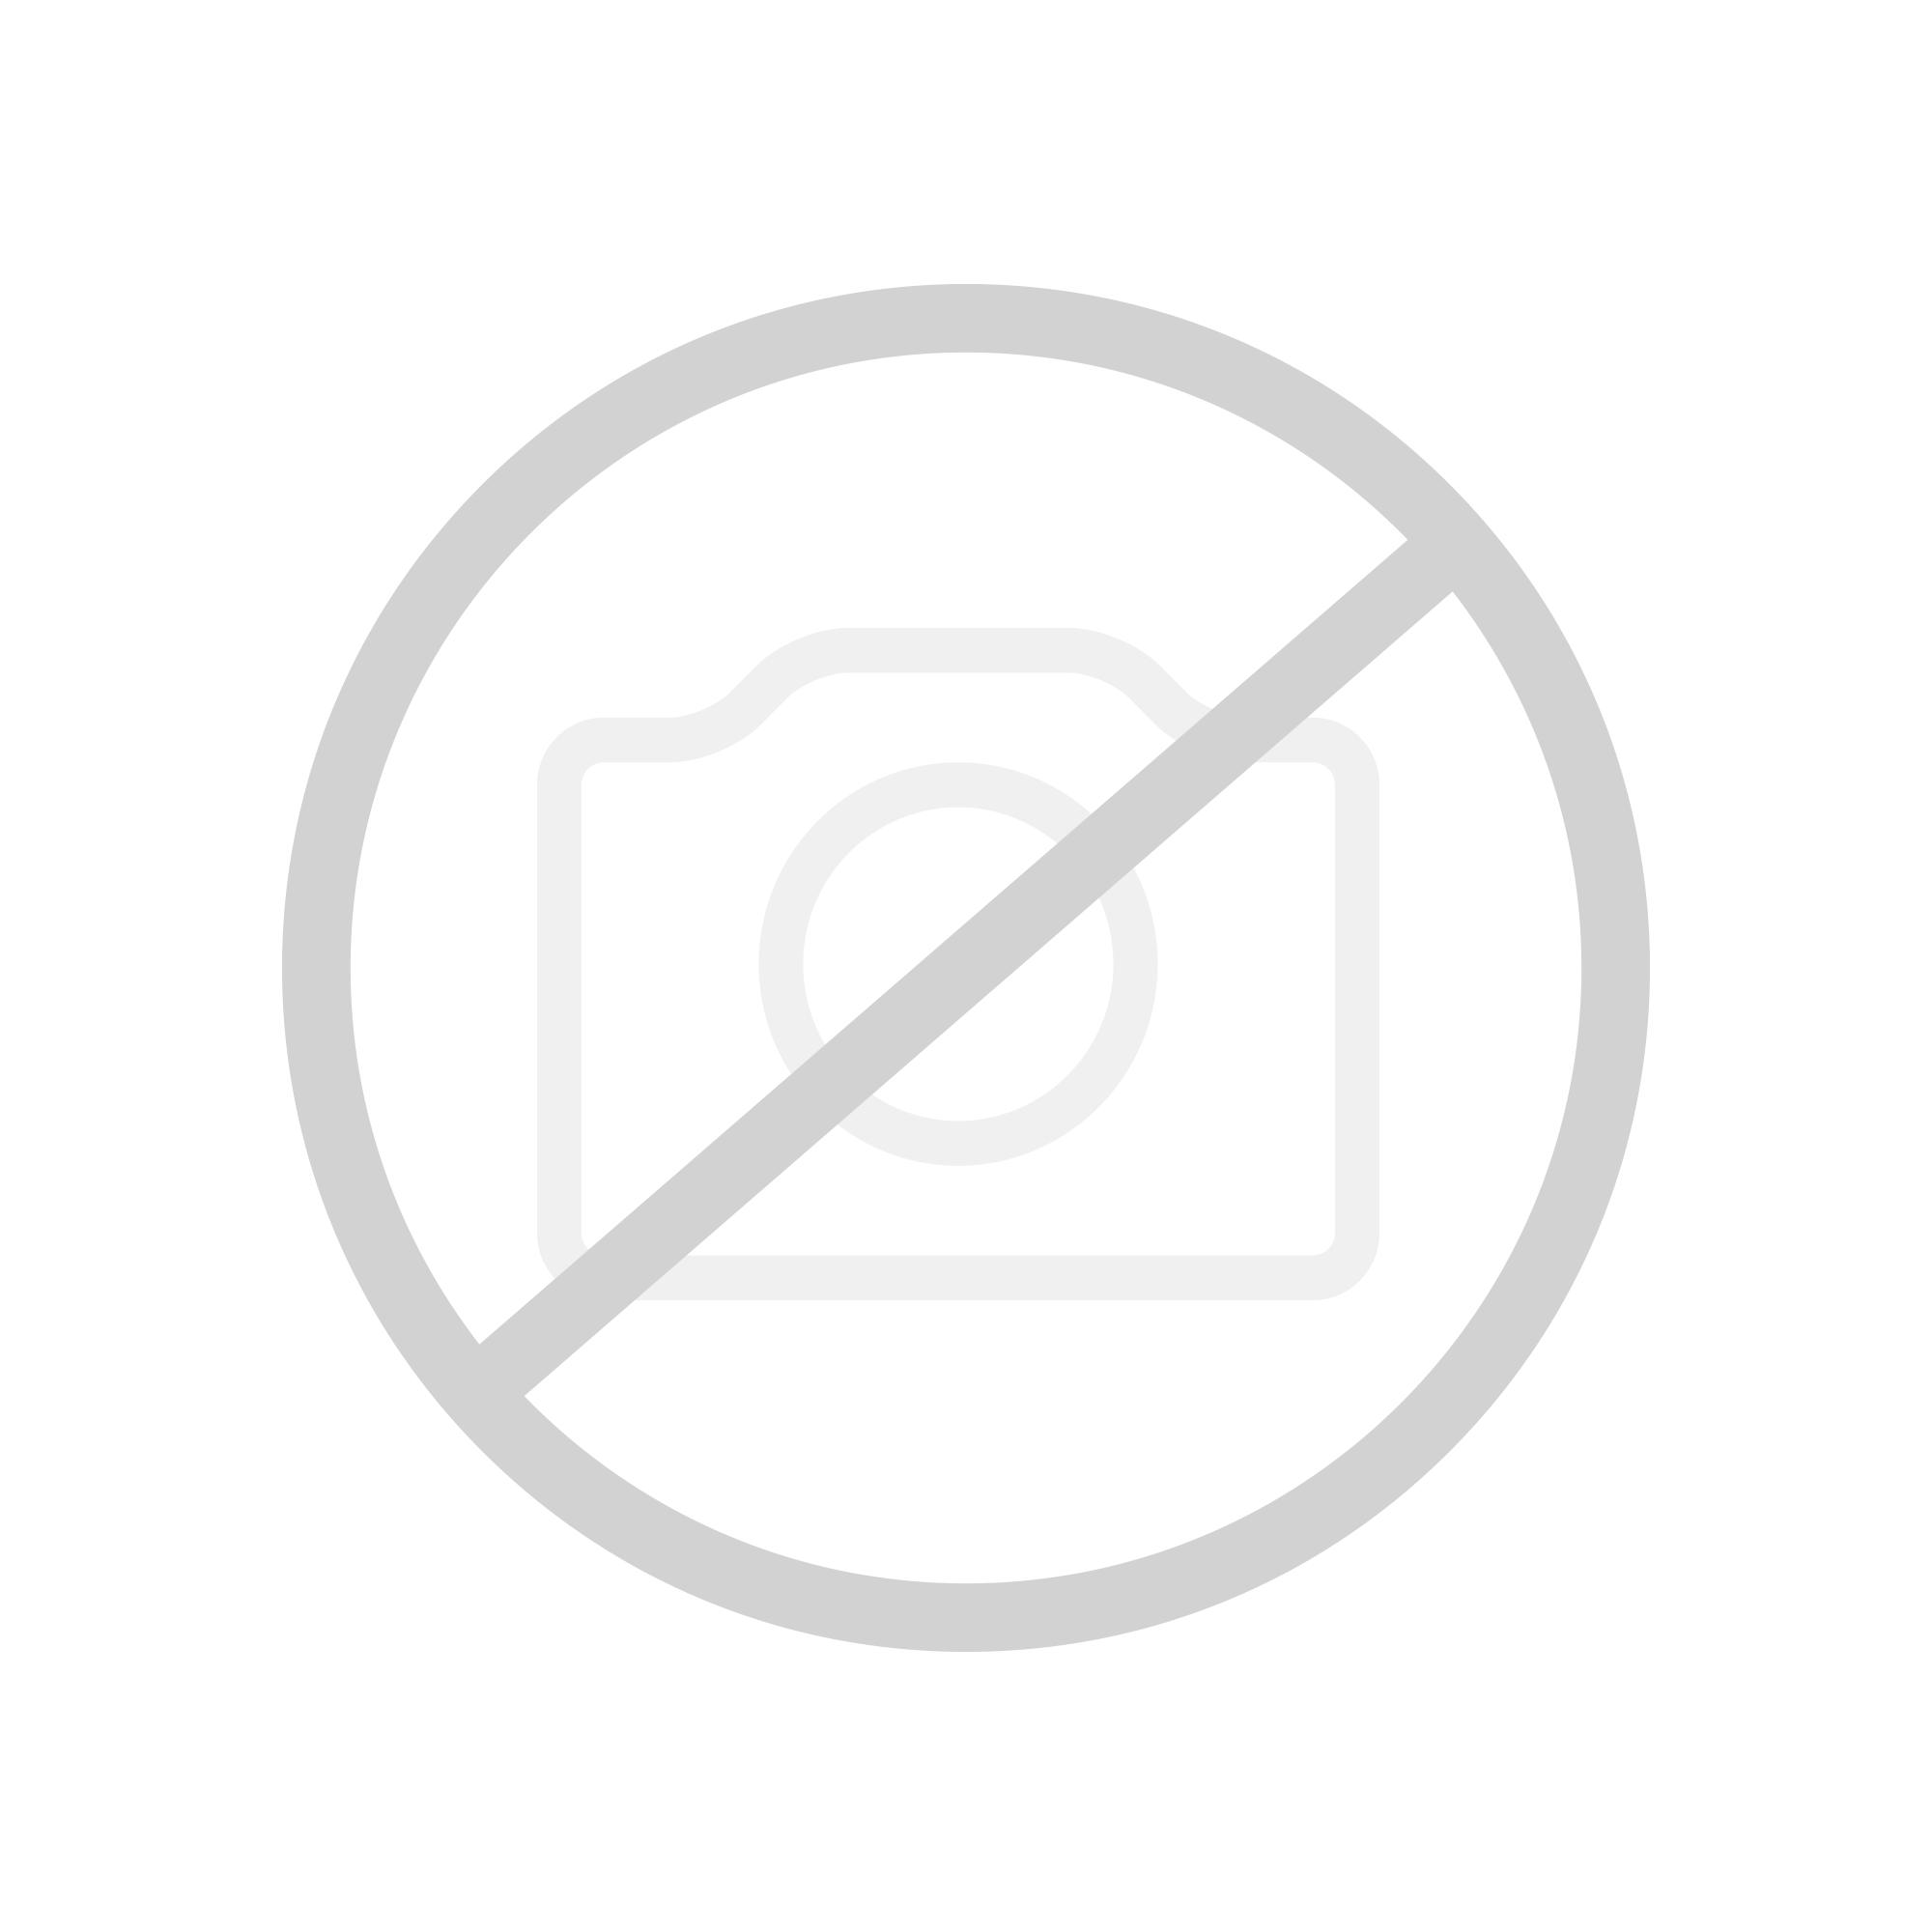 Villeroy & Boch » 1a-Produkte für Bad und Küche bei REUTER